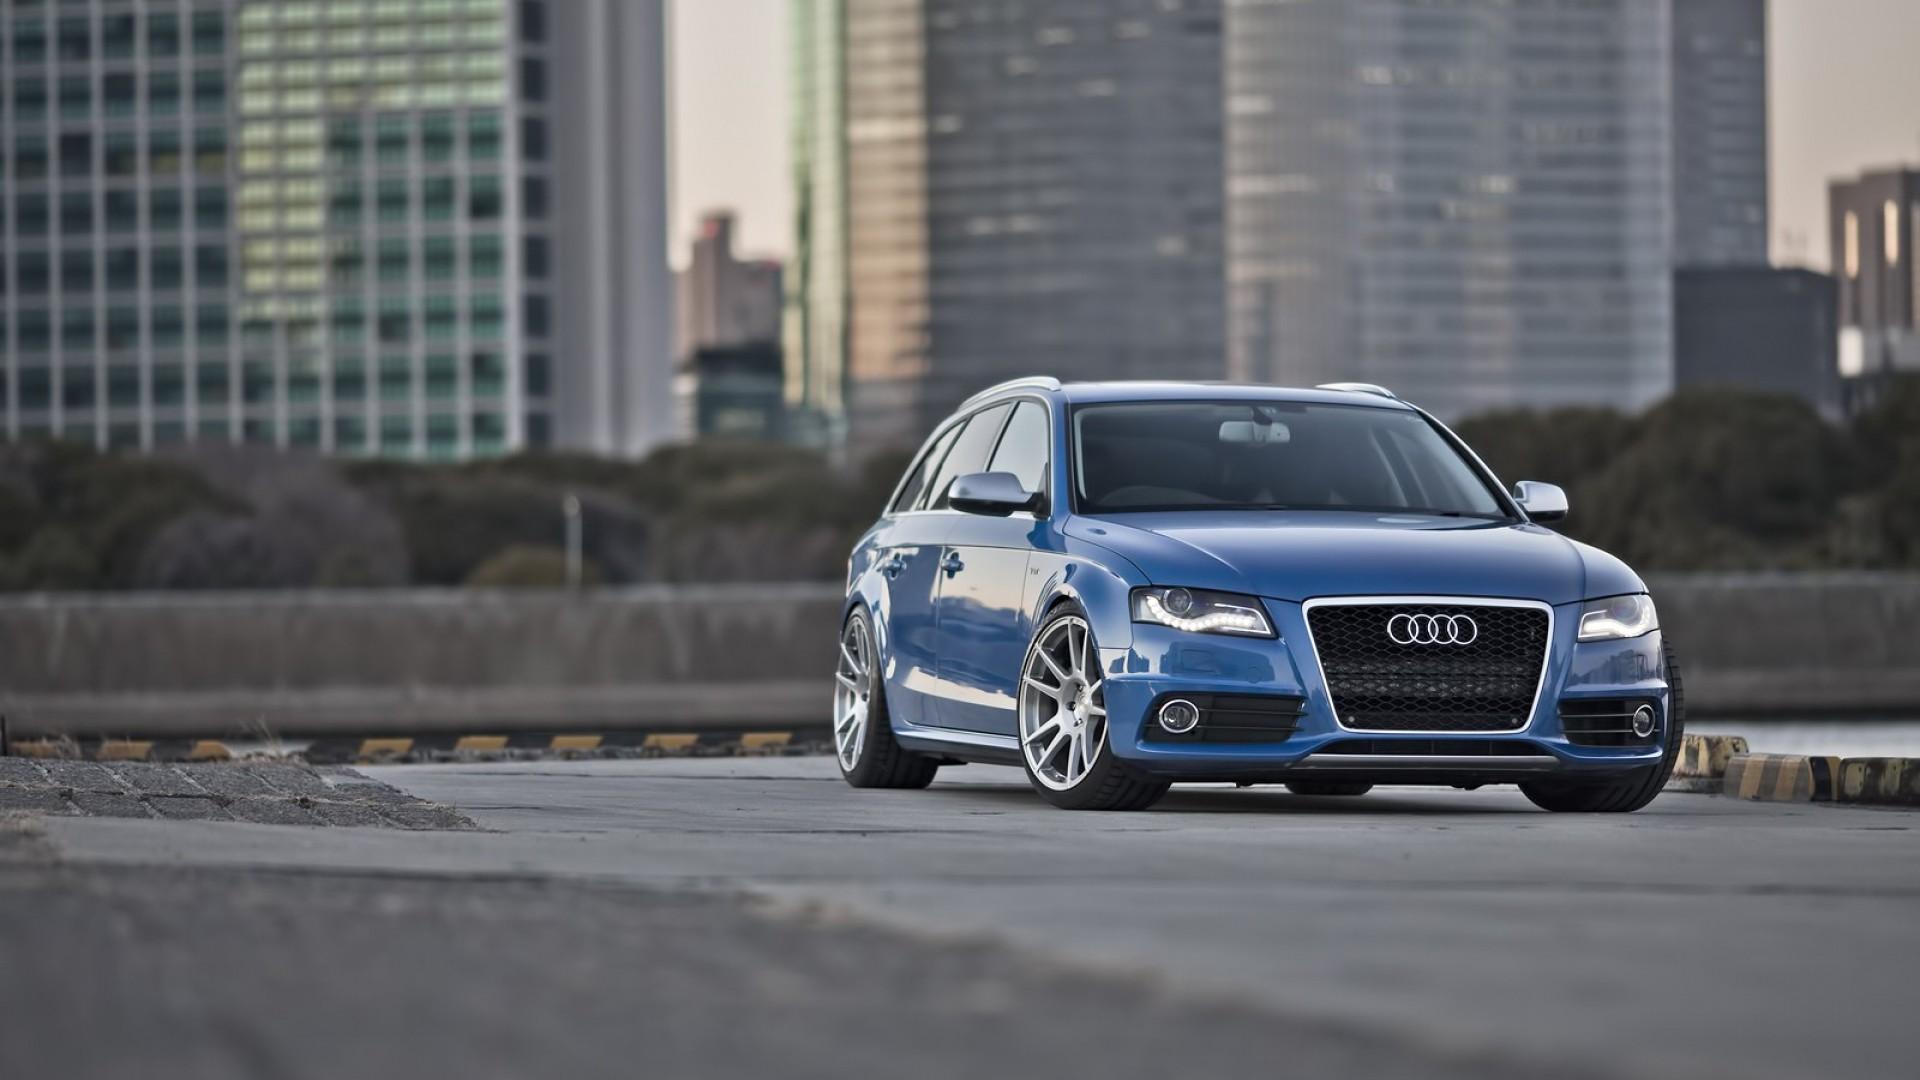 Audi S4 Blue HD Desktop Wallpapers 4k HD